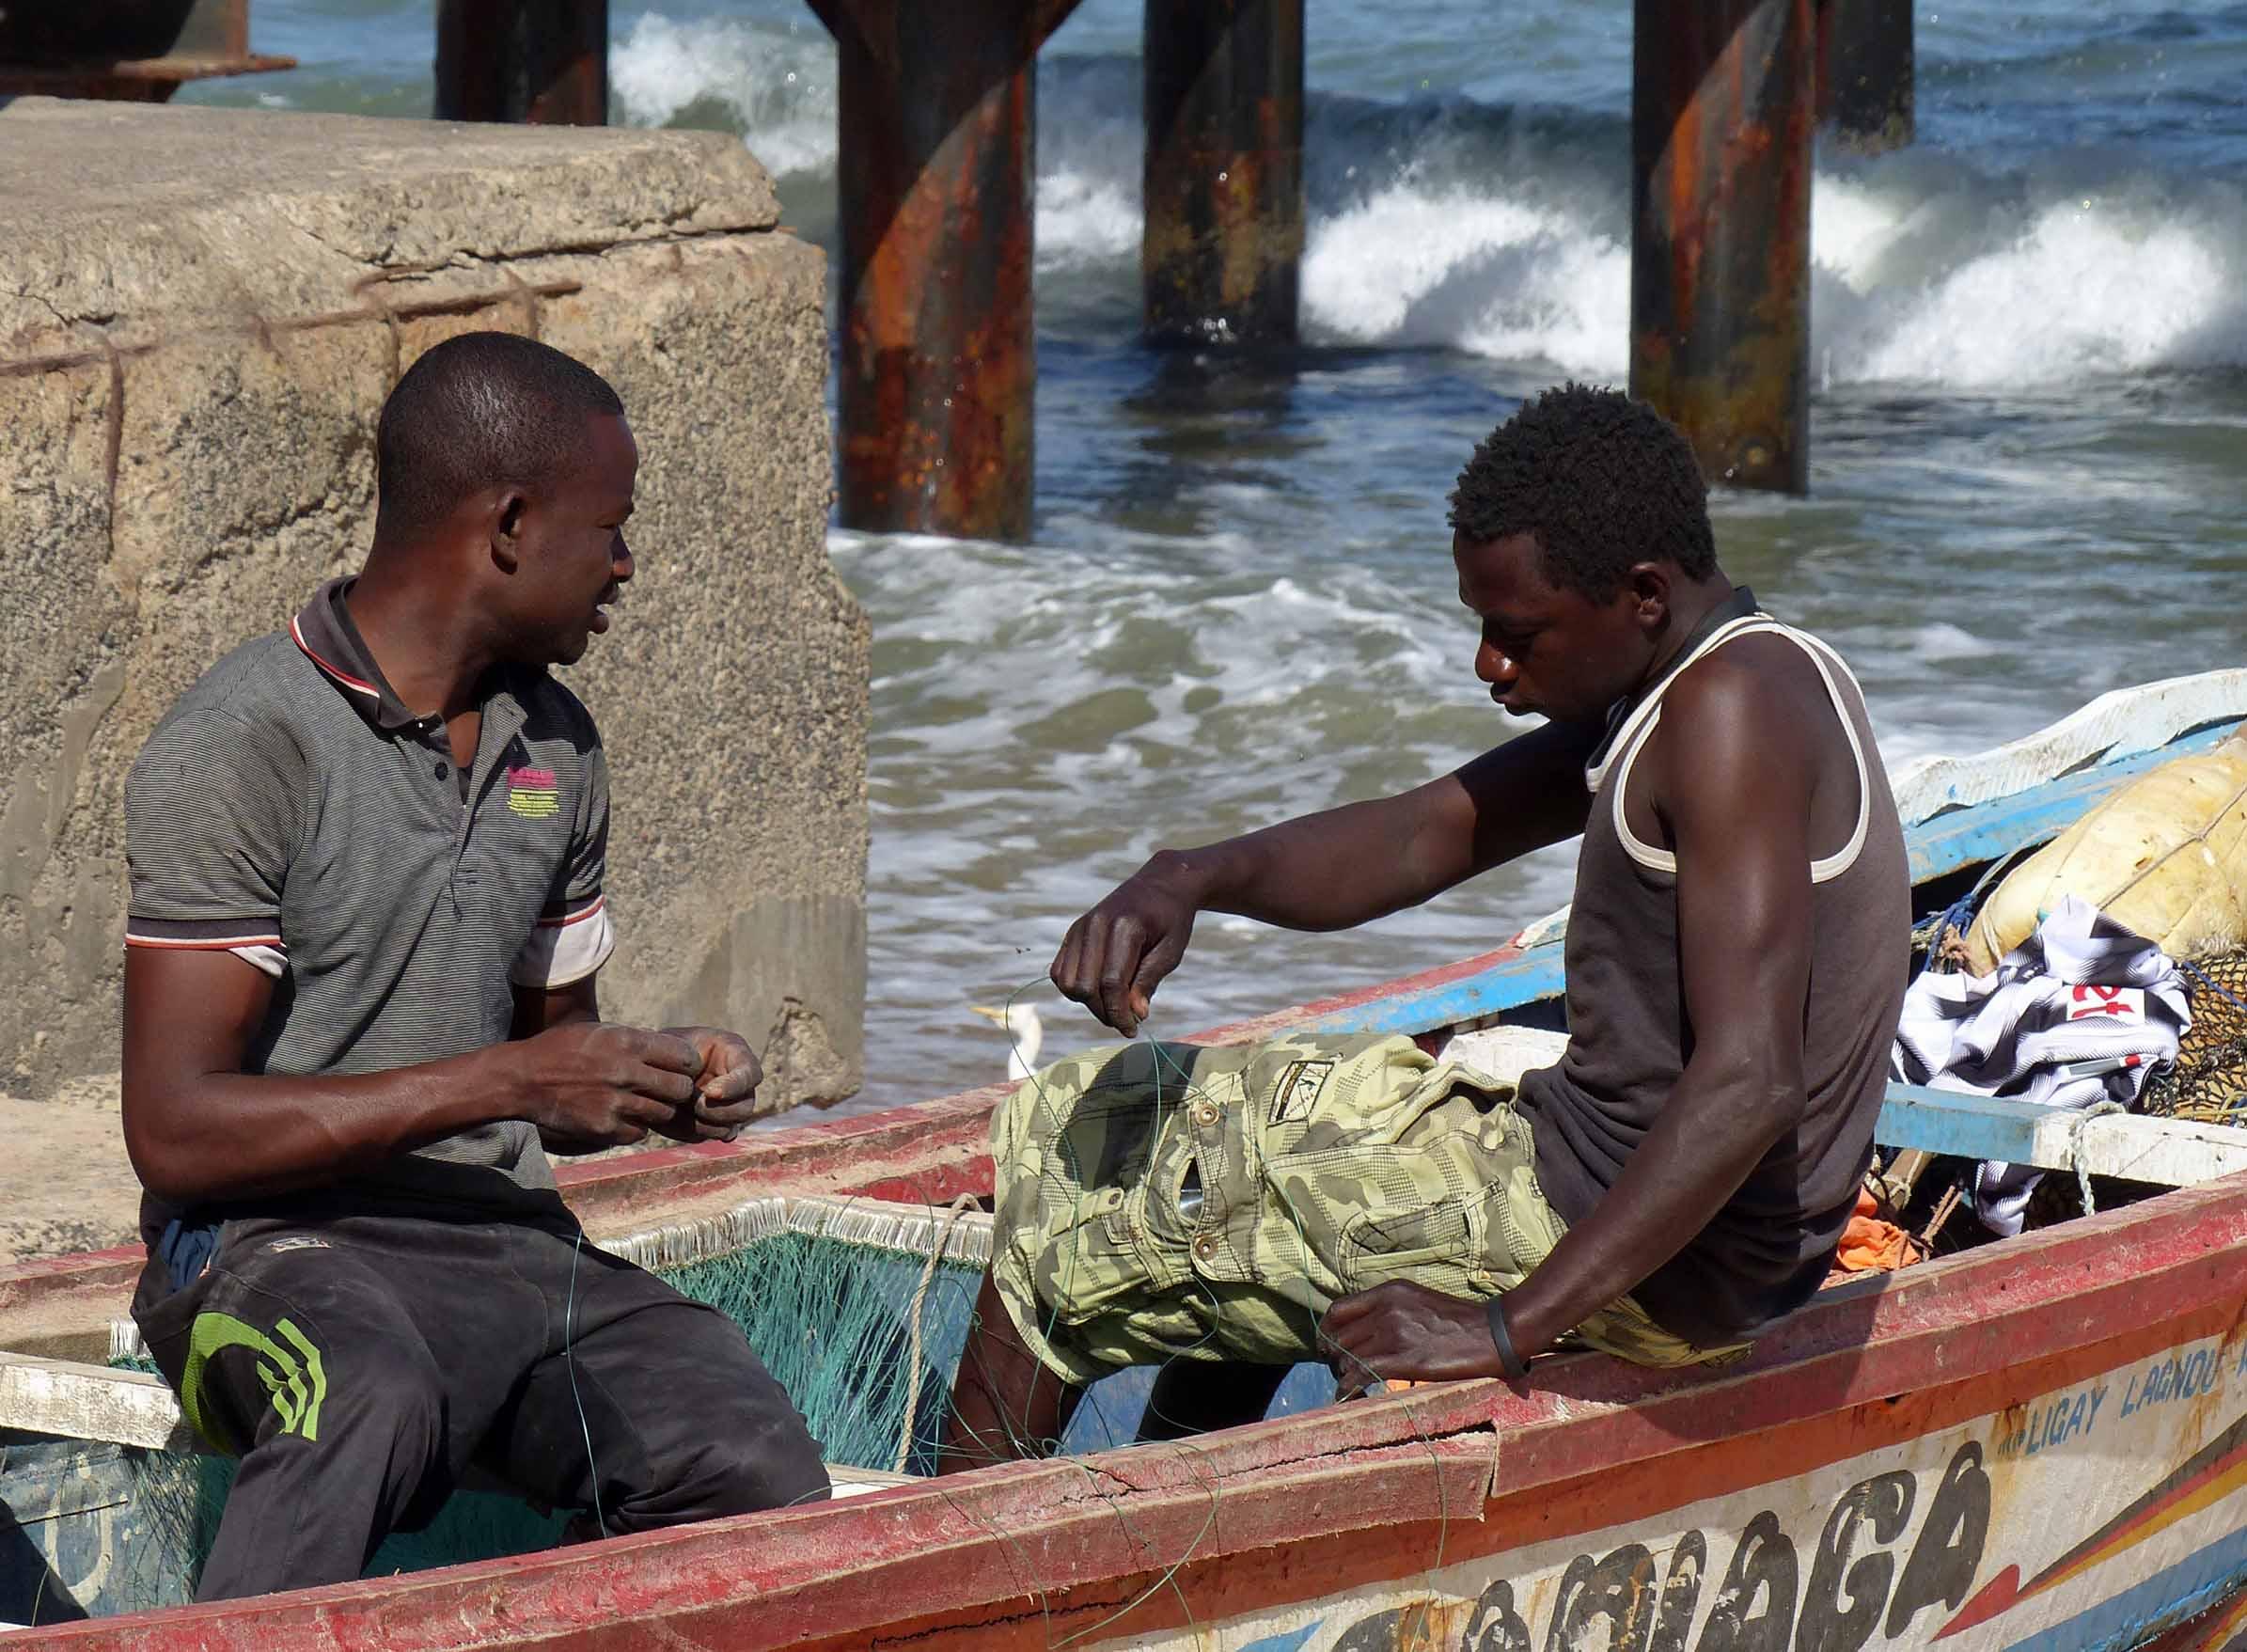 Two men in a boat mending nets